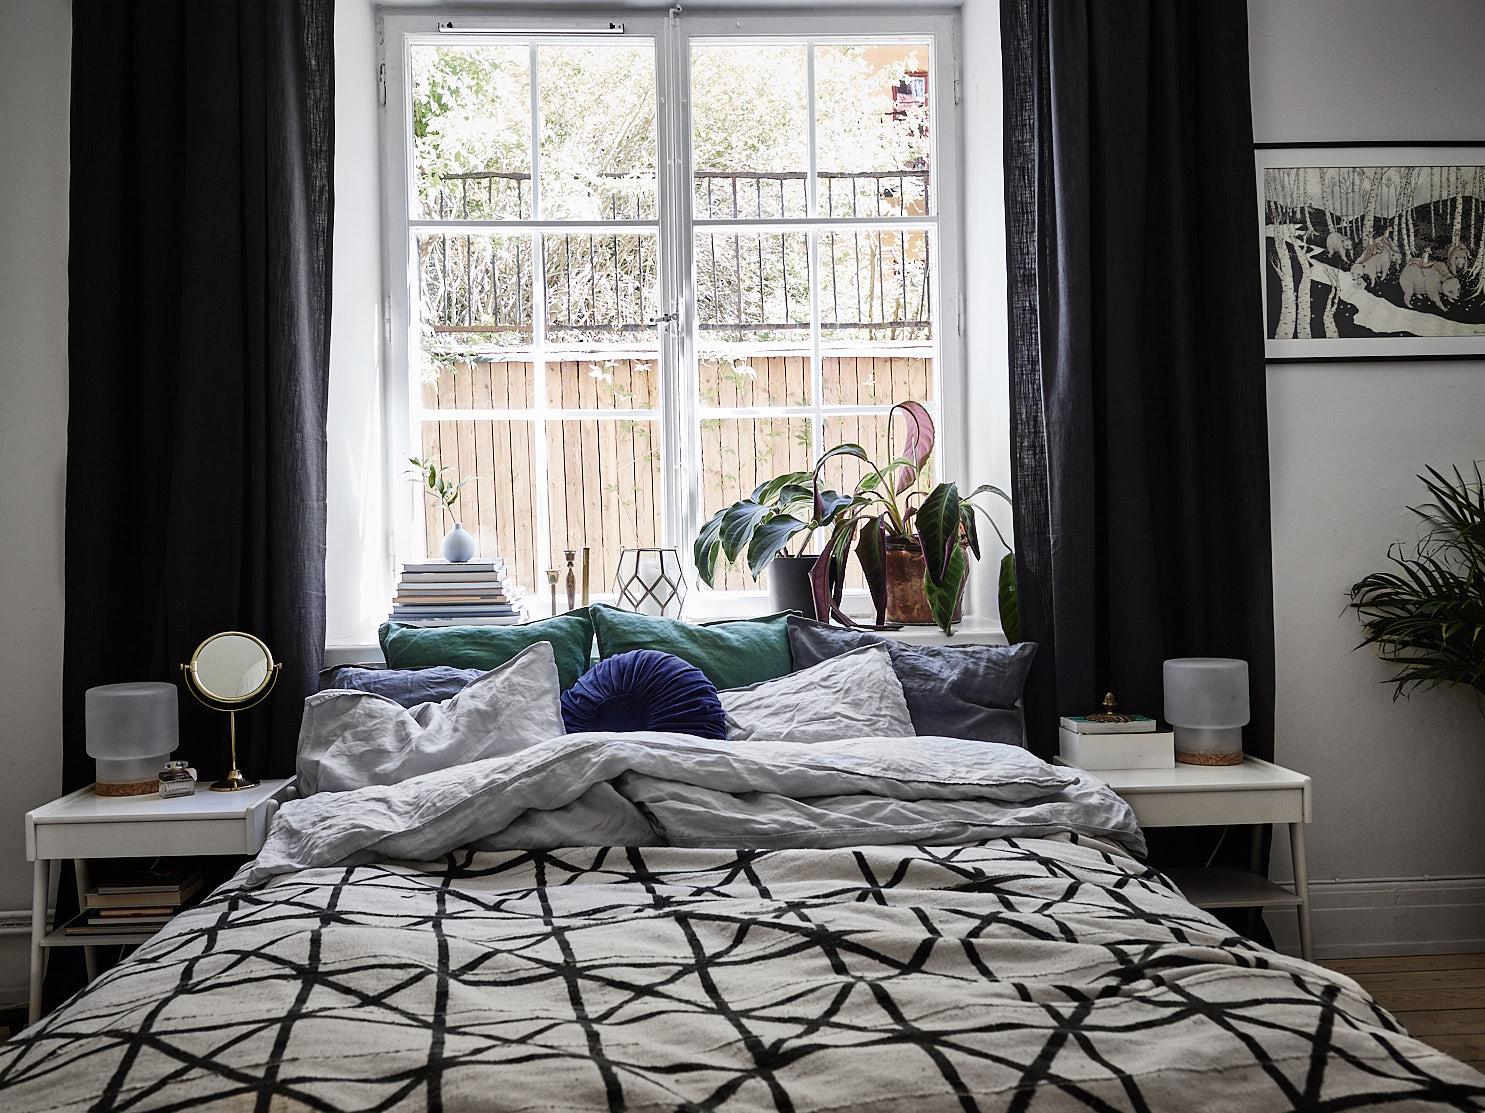 кровать окно подоконник прикроватные столики